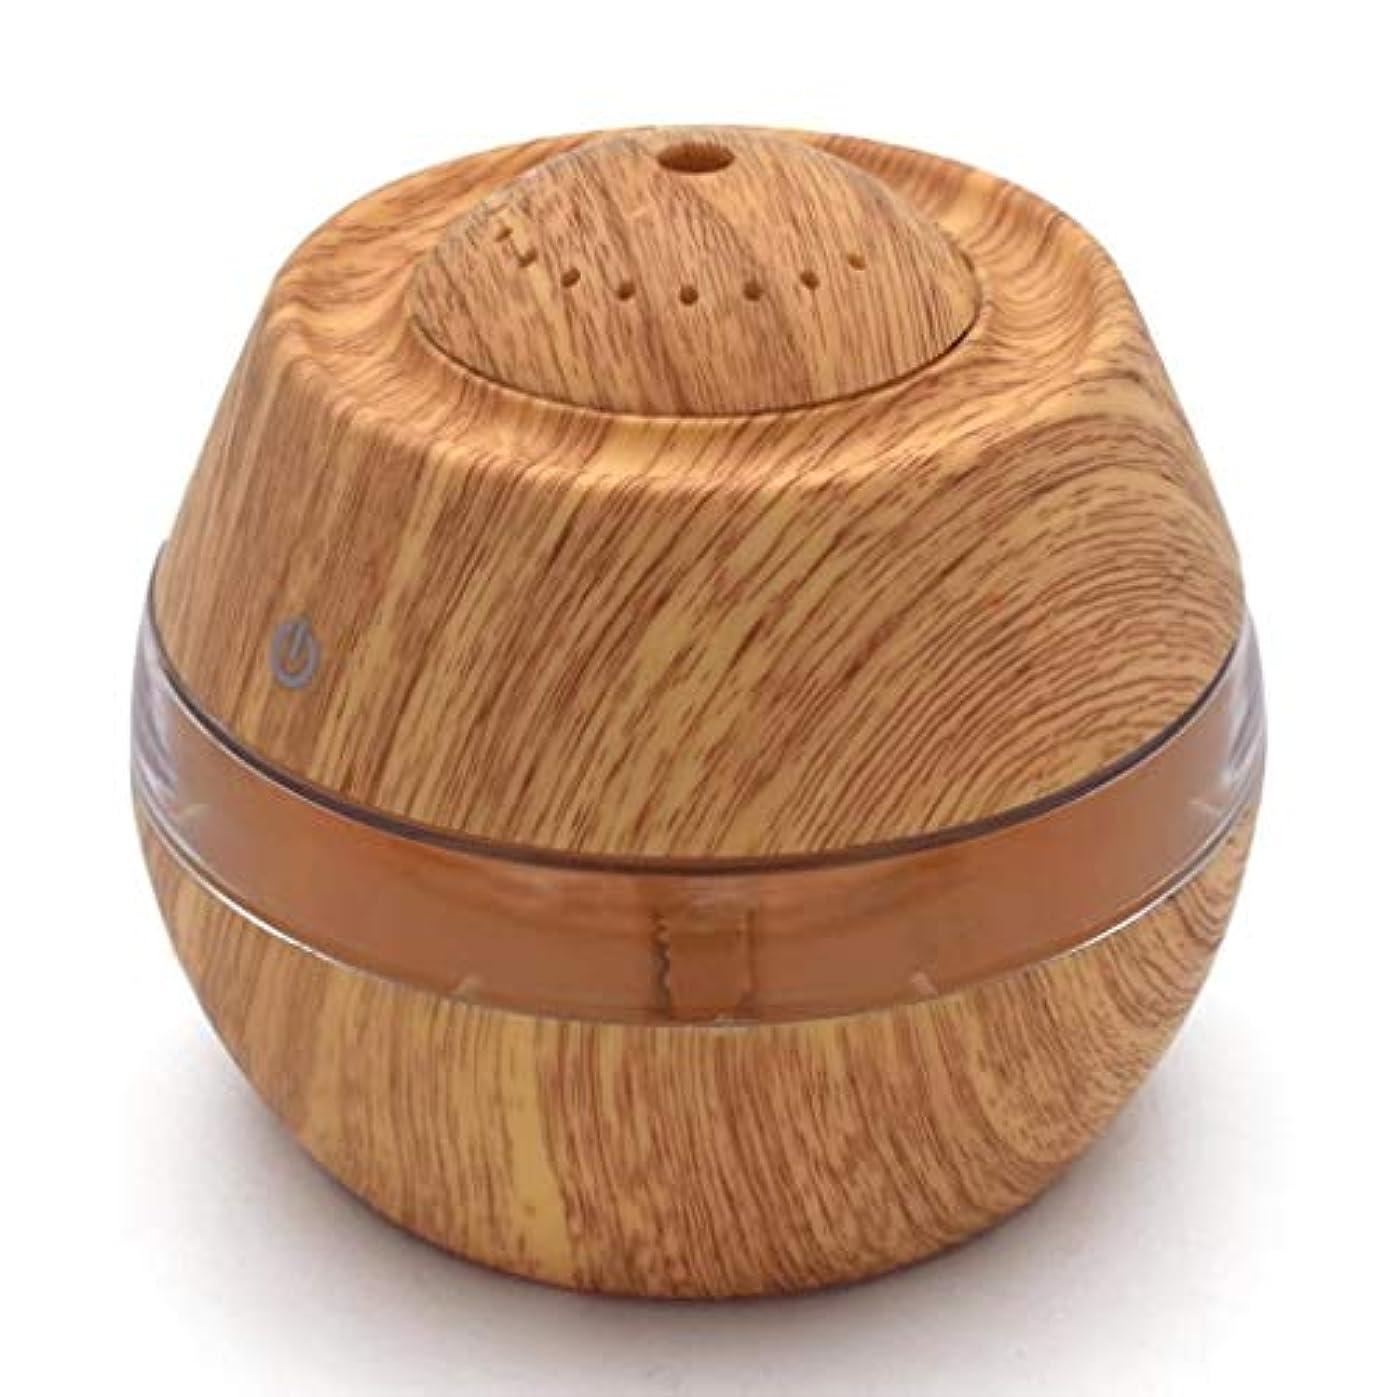 廃棄テーマ連続的オイルディフューザーエッセンシャルオイル300ミリリットルエッセンシャルオイルディフューザー電気超音波加湿器アロマ用ベビールームホームスパギフト用女性 (Color : Light Wood Grain)